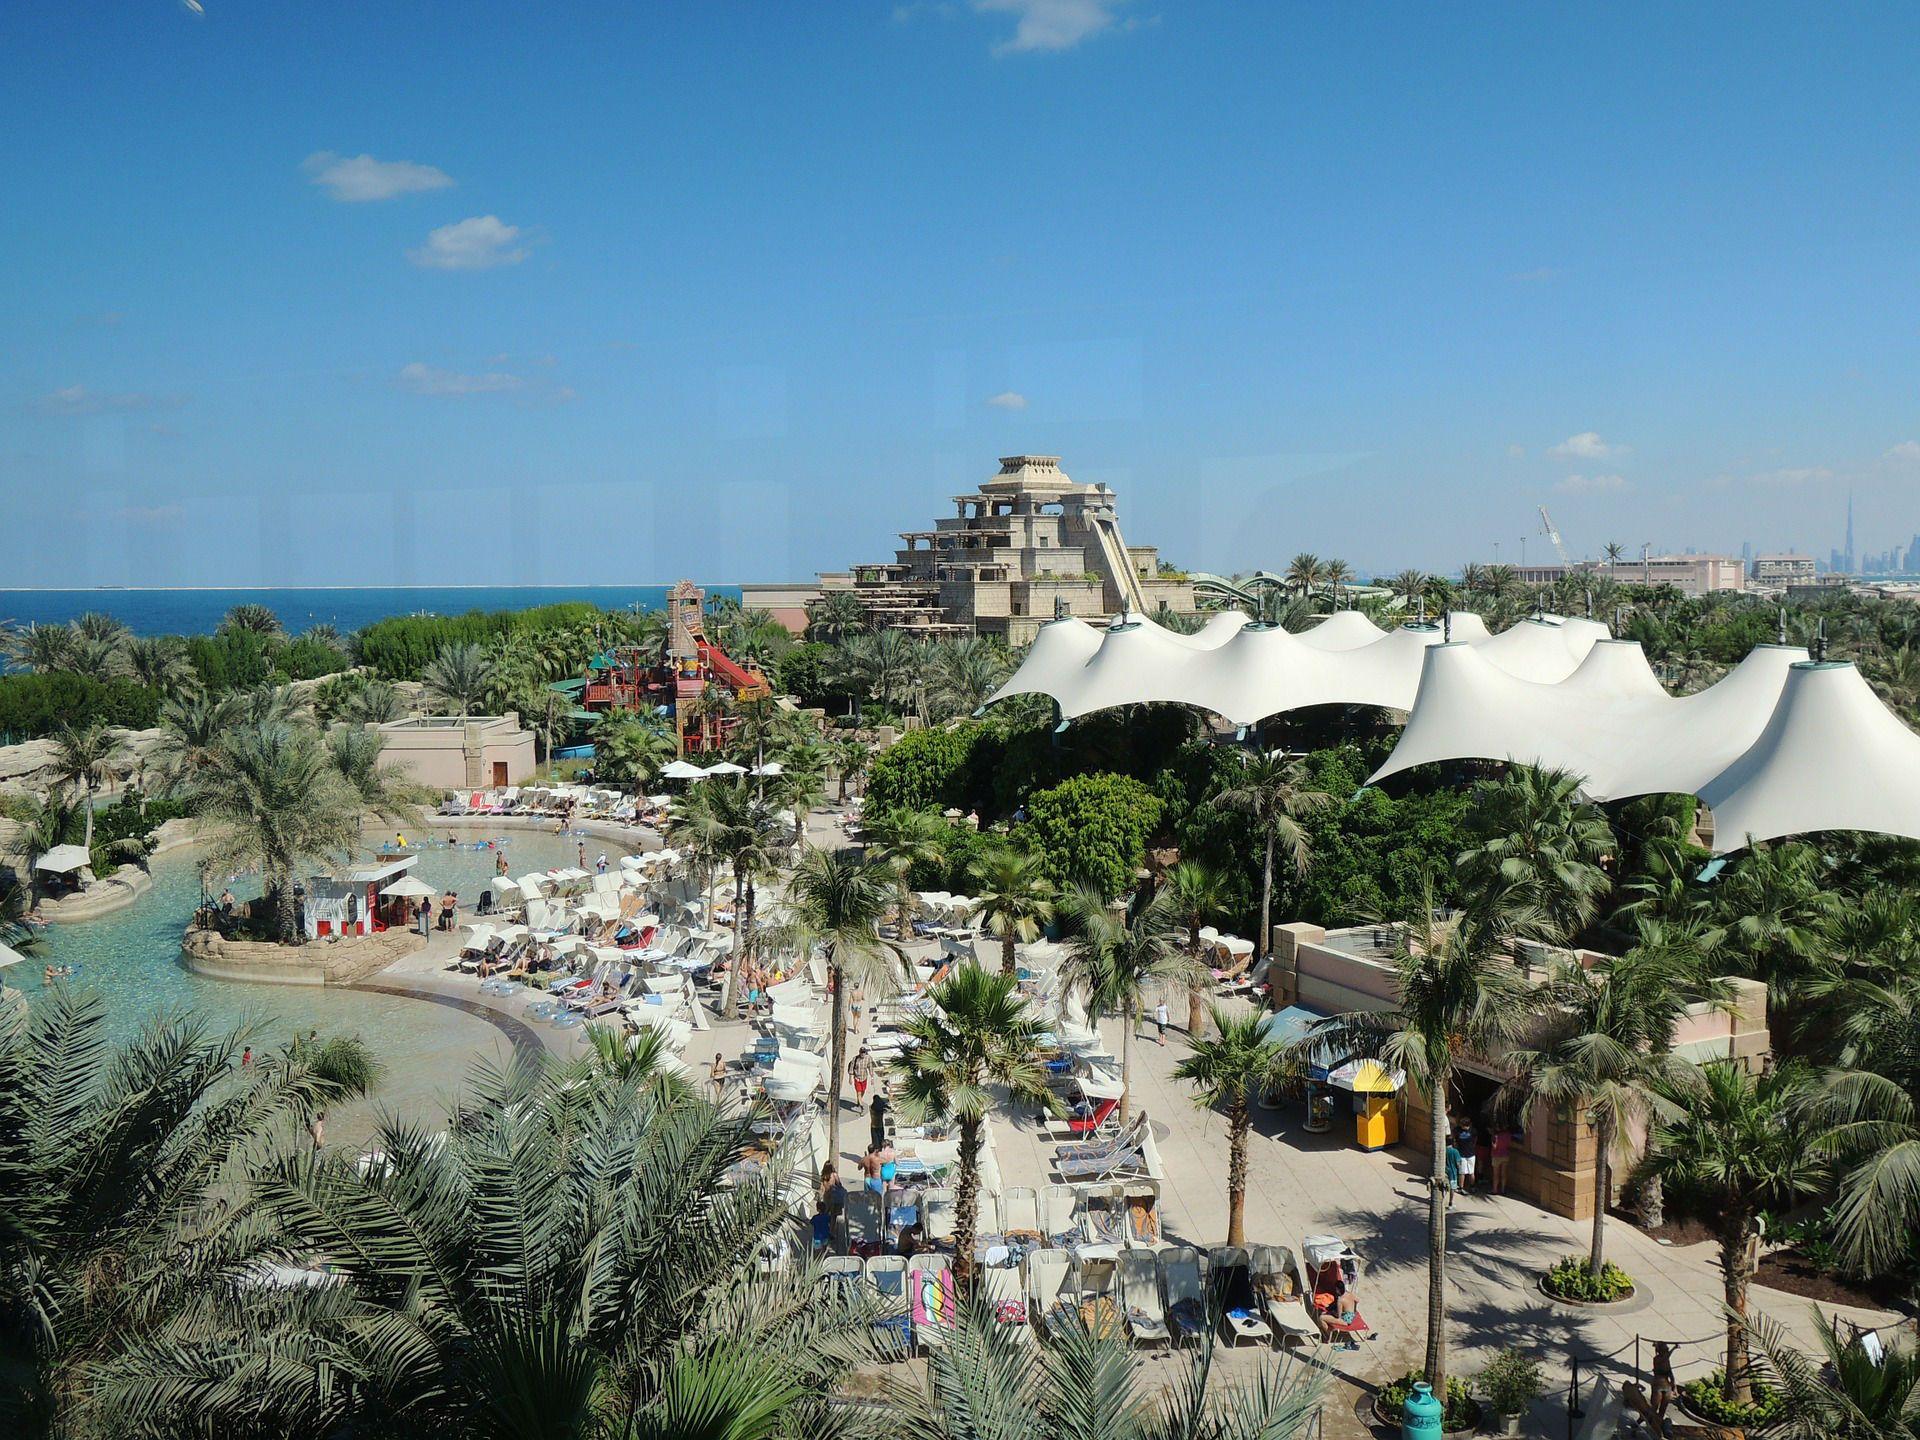 Dein Familienurlaub in Dubai - was bietet die Stadt? (mit ...